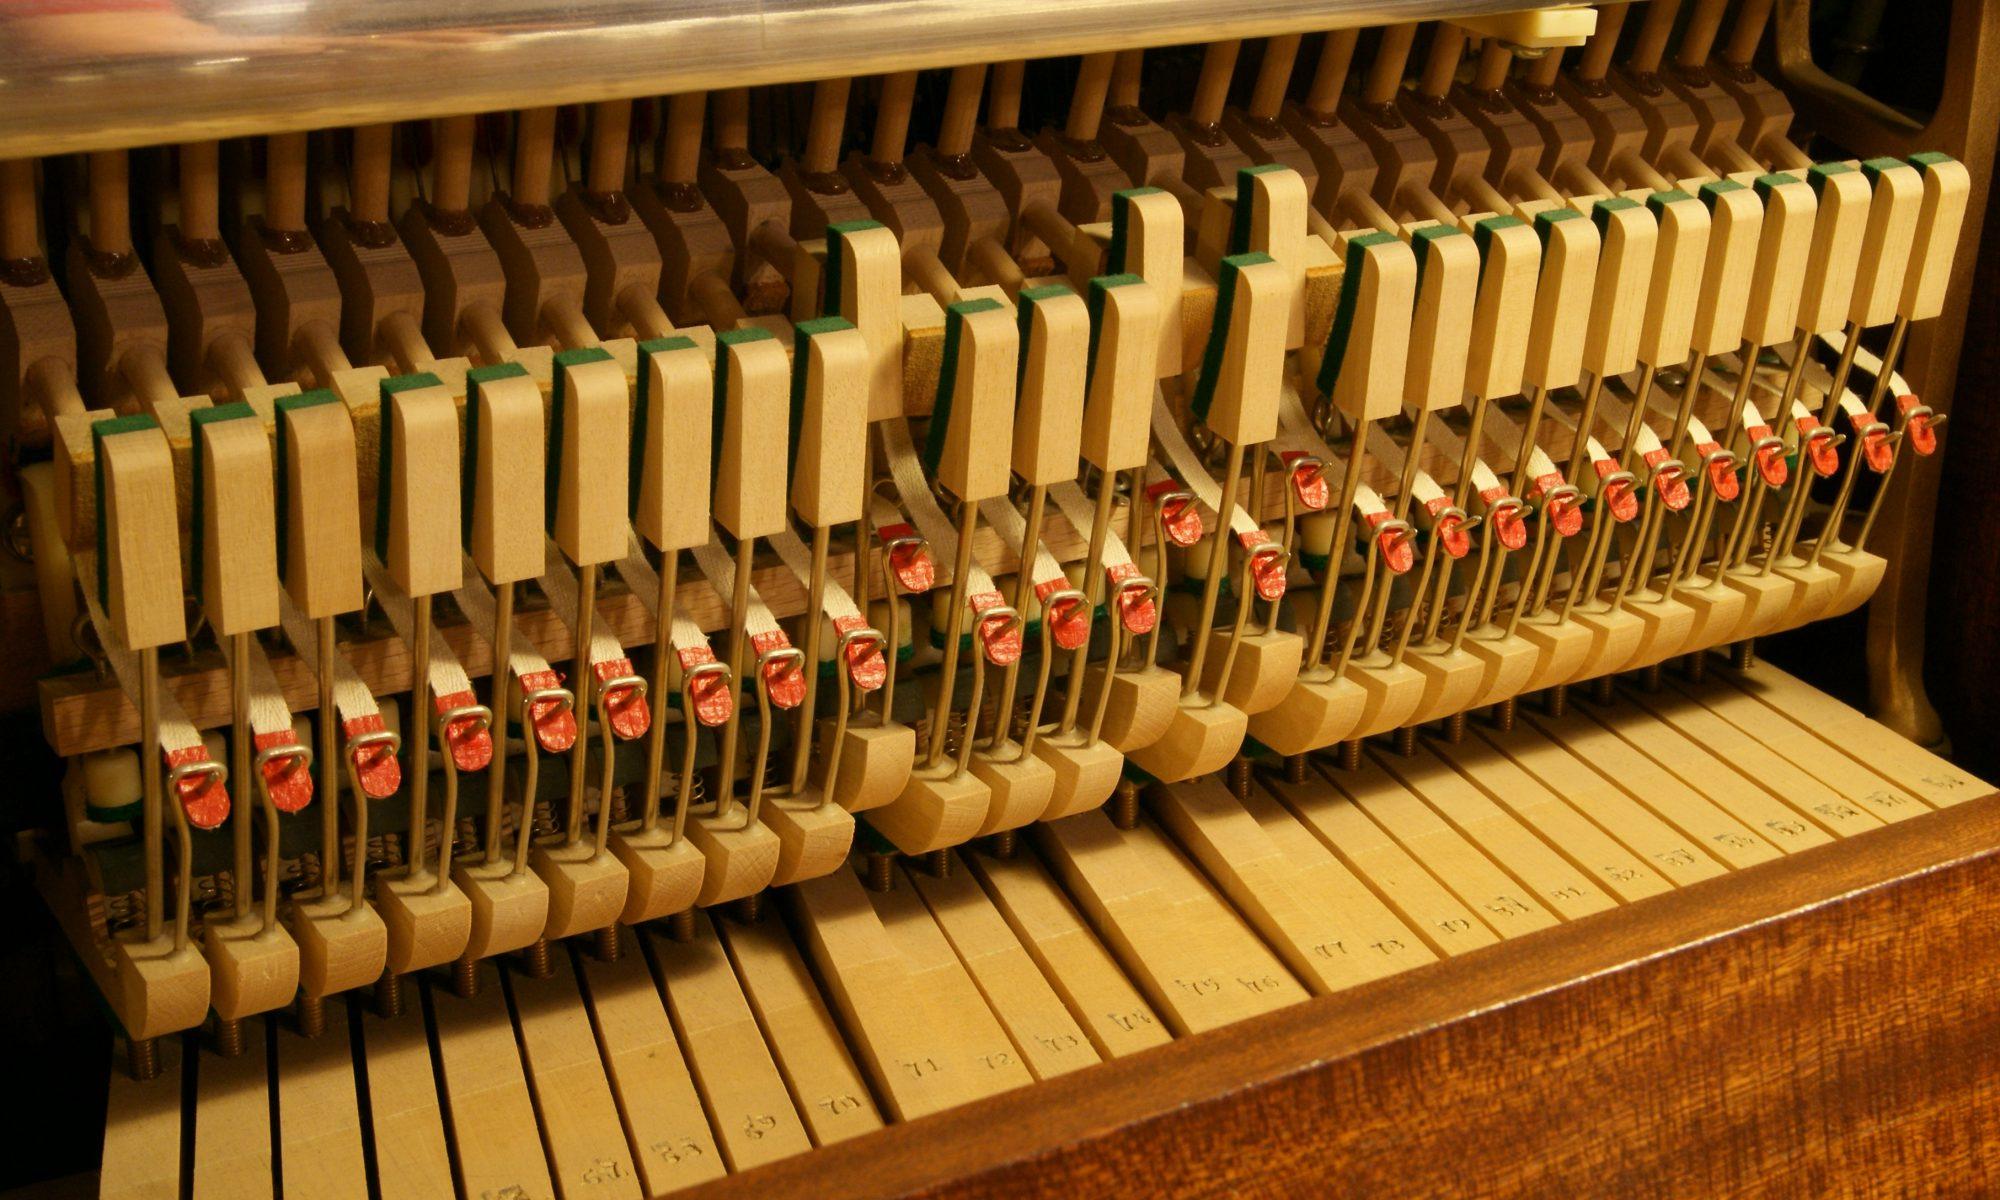 Dieter Gocht's KlavierSeiten